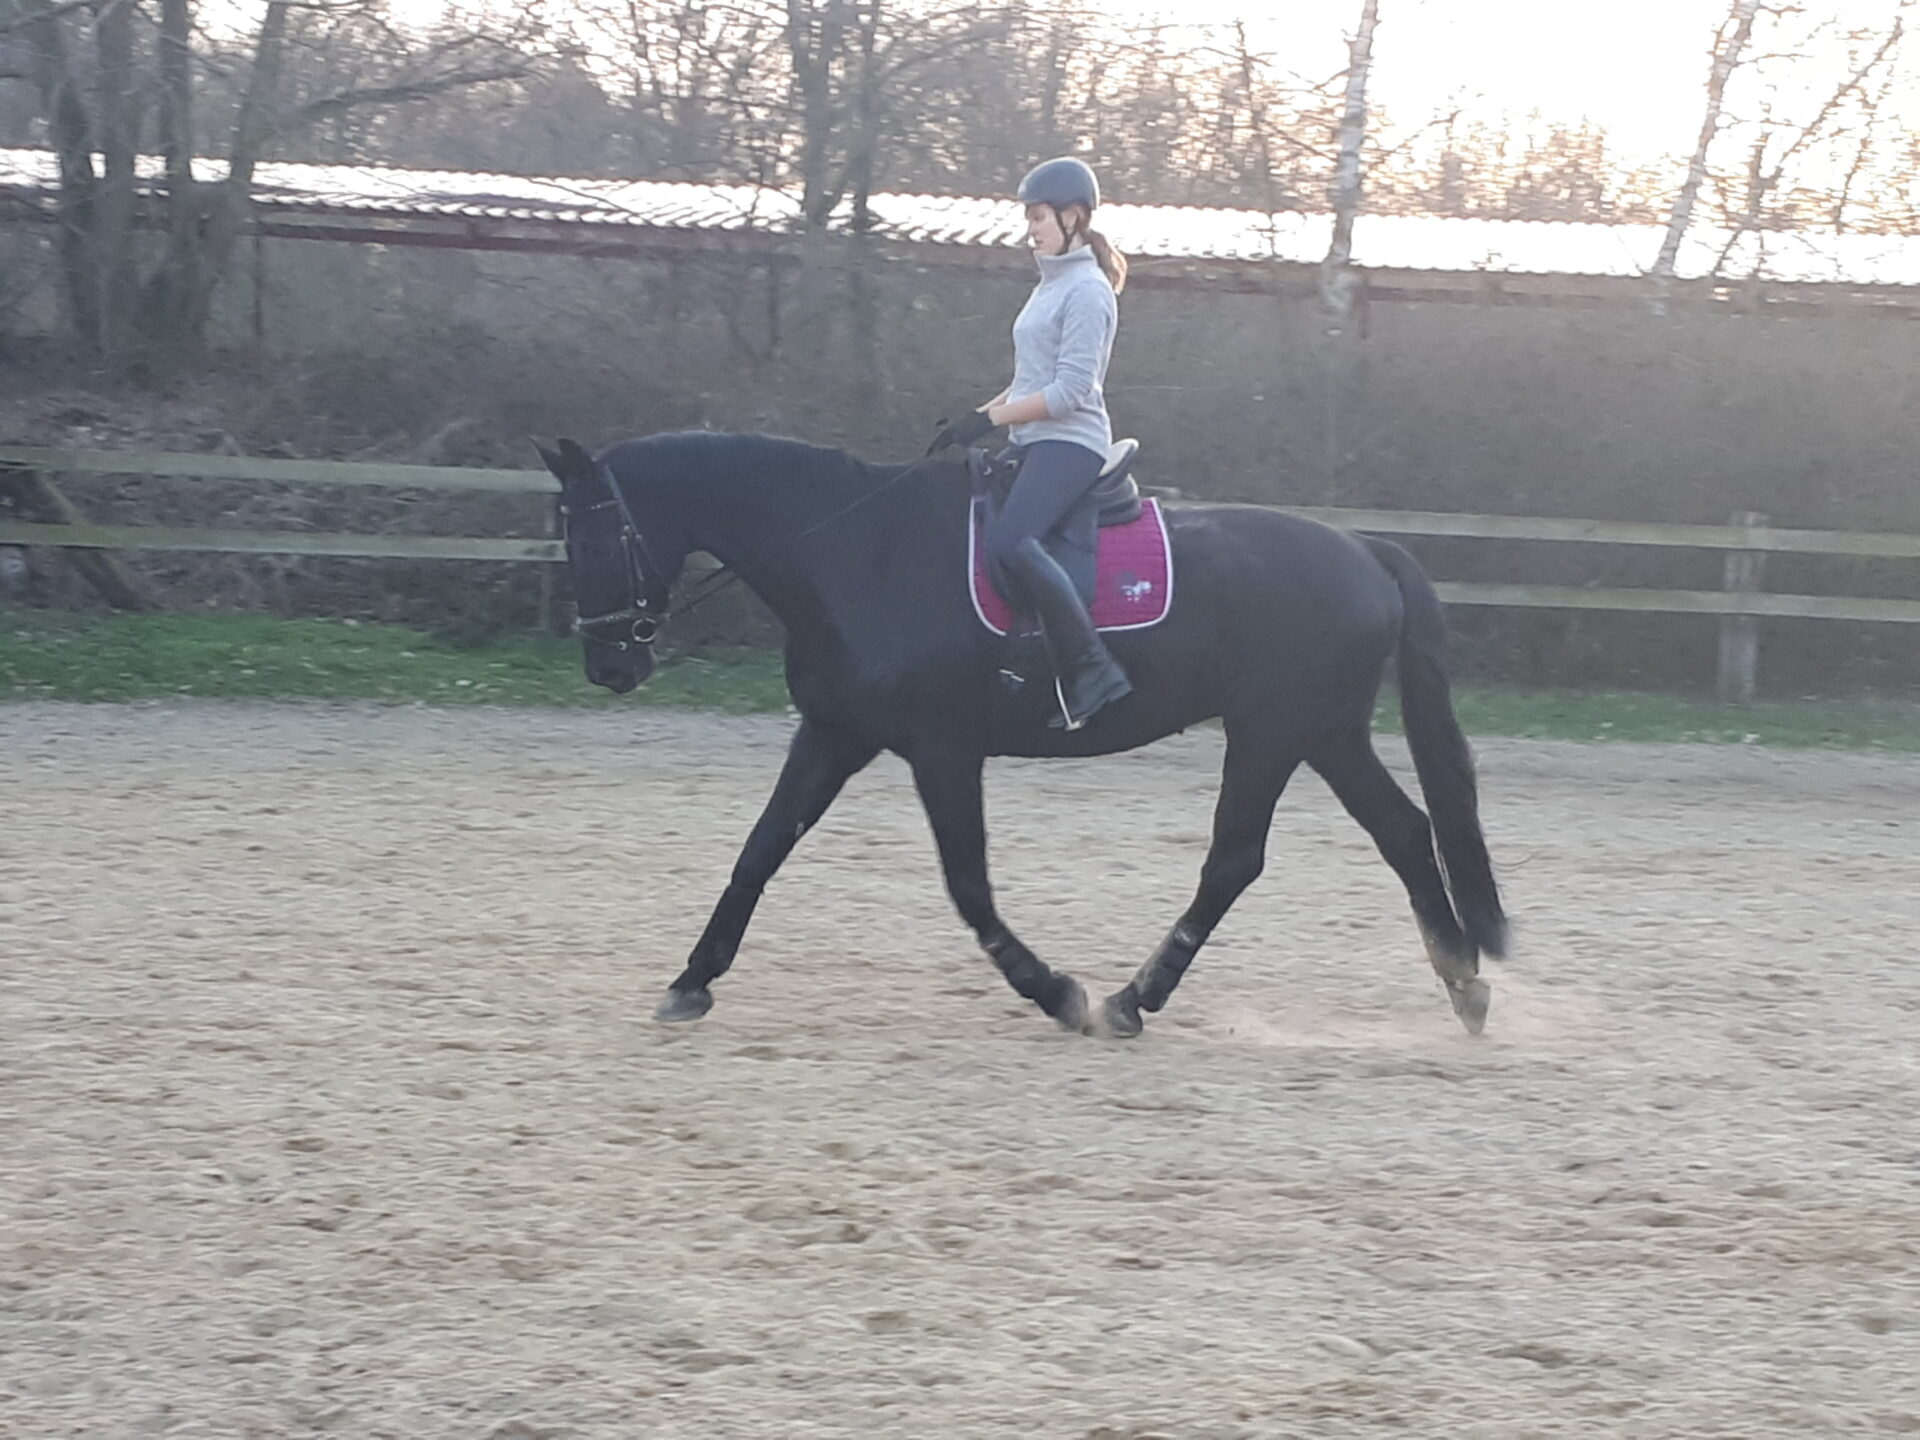 Ein Pferd wird im Trab von seiner Reiterin auf dem reitplatz geritten